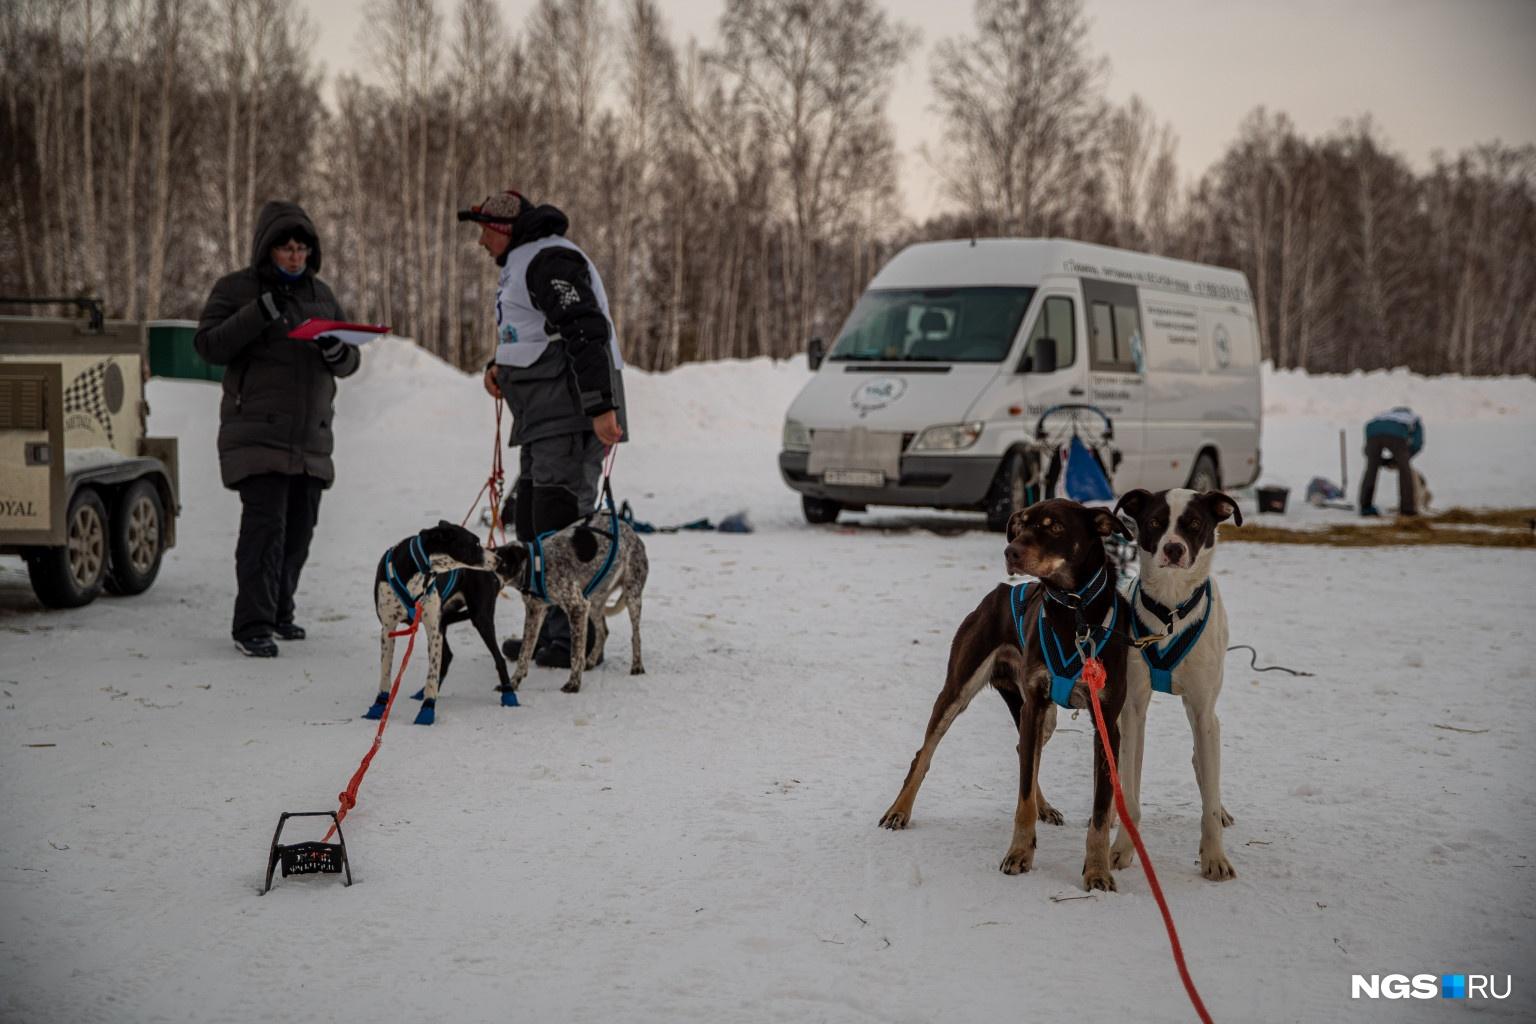 Спортсмены соревновались по нескольким дисциплинам с двумя, четырьмя и шестью собаками